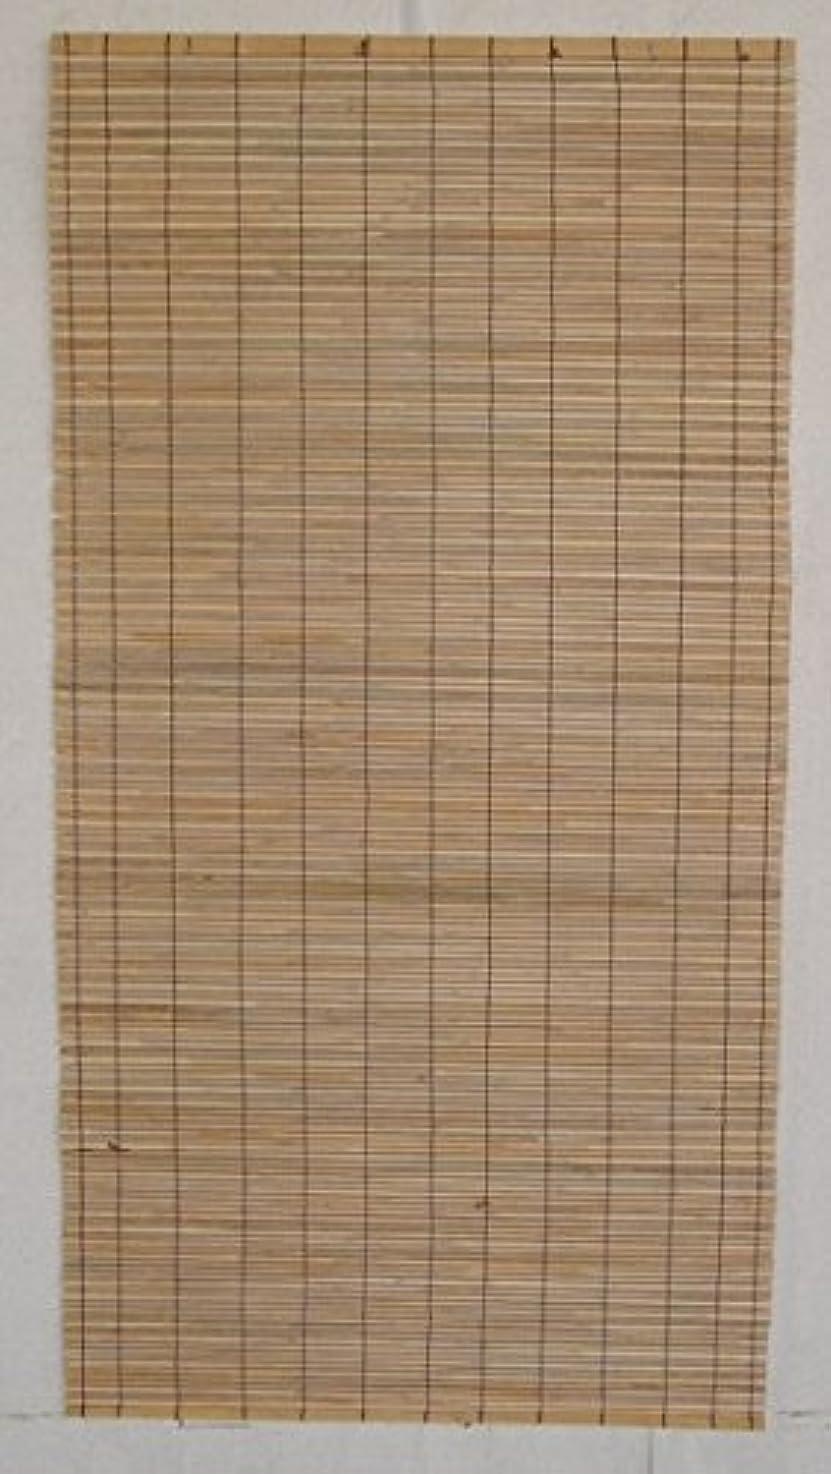 表現奴隷接続詞よしず 日よけ たてす たてず たてすだれ 簾 よしず8尺×6尺(高さ約240cm×巾約180cm】